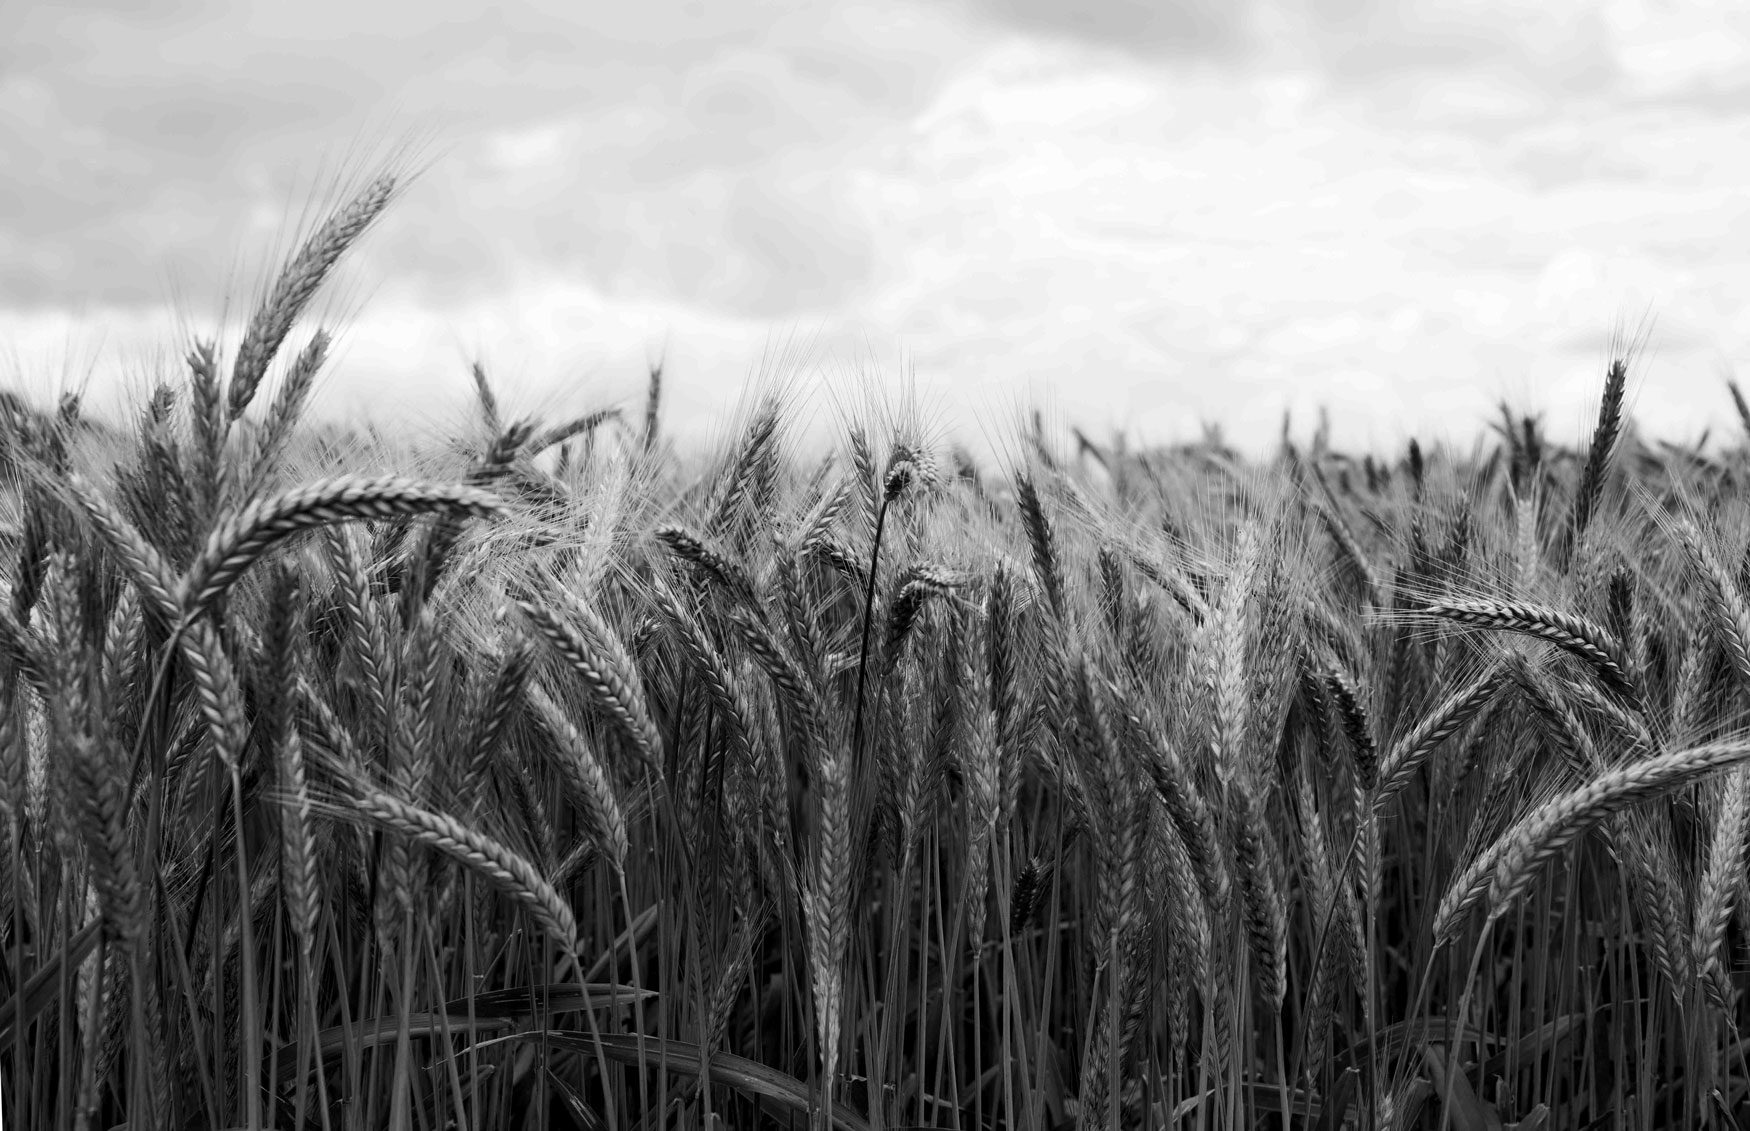 5963-grain-field.jpg